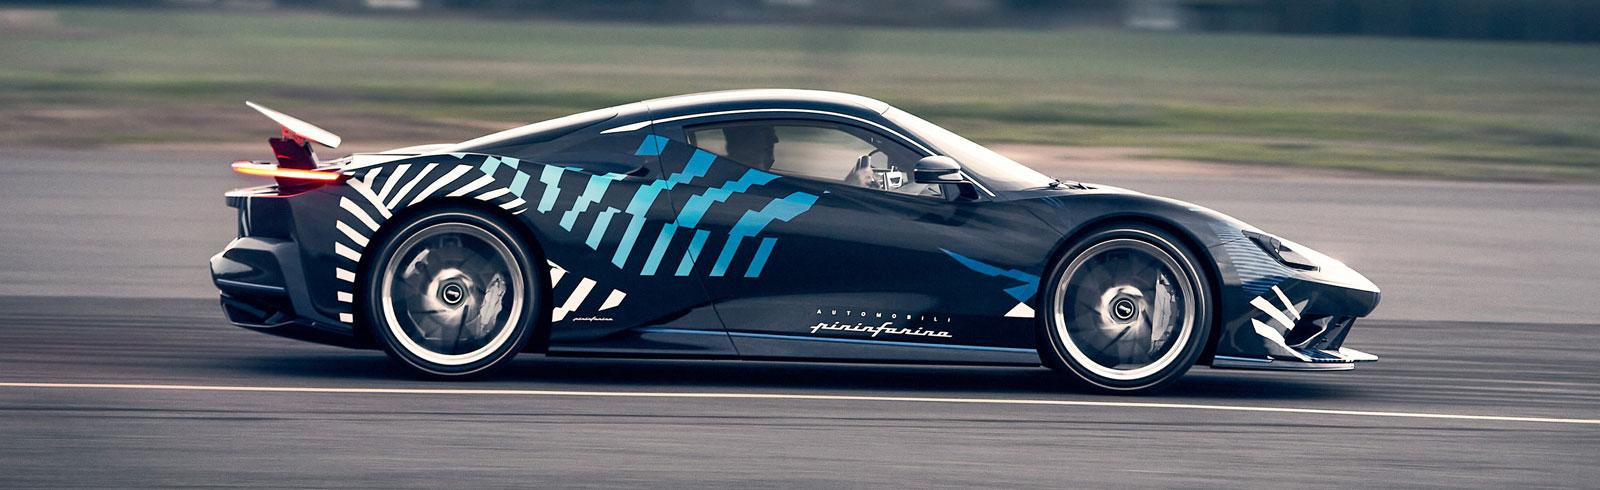 Automobili Pininfarina starts the Battista Hypercar Development Programme